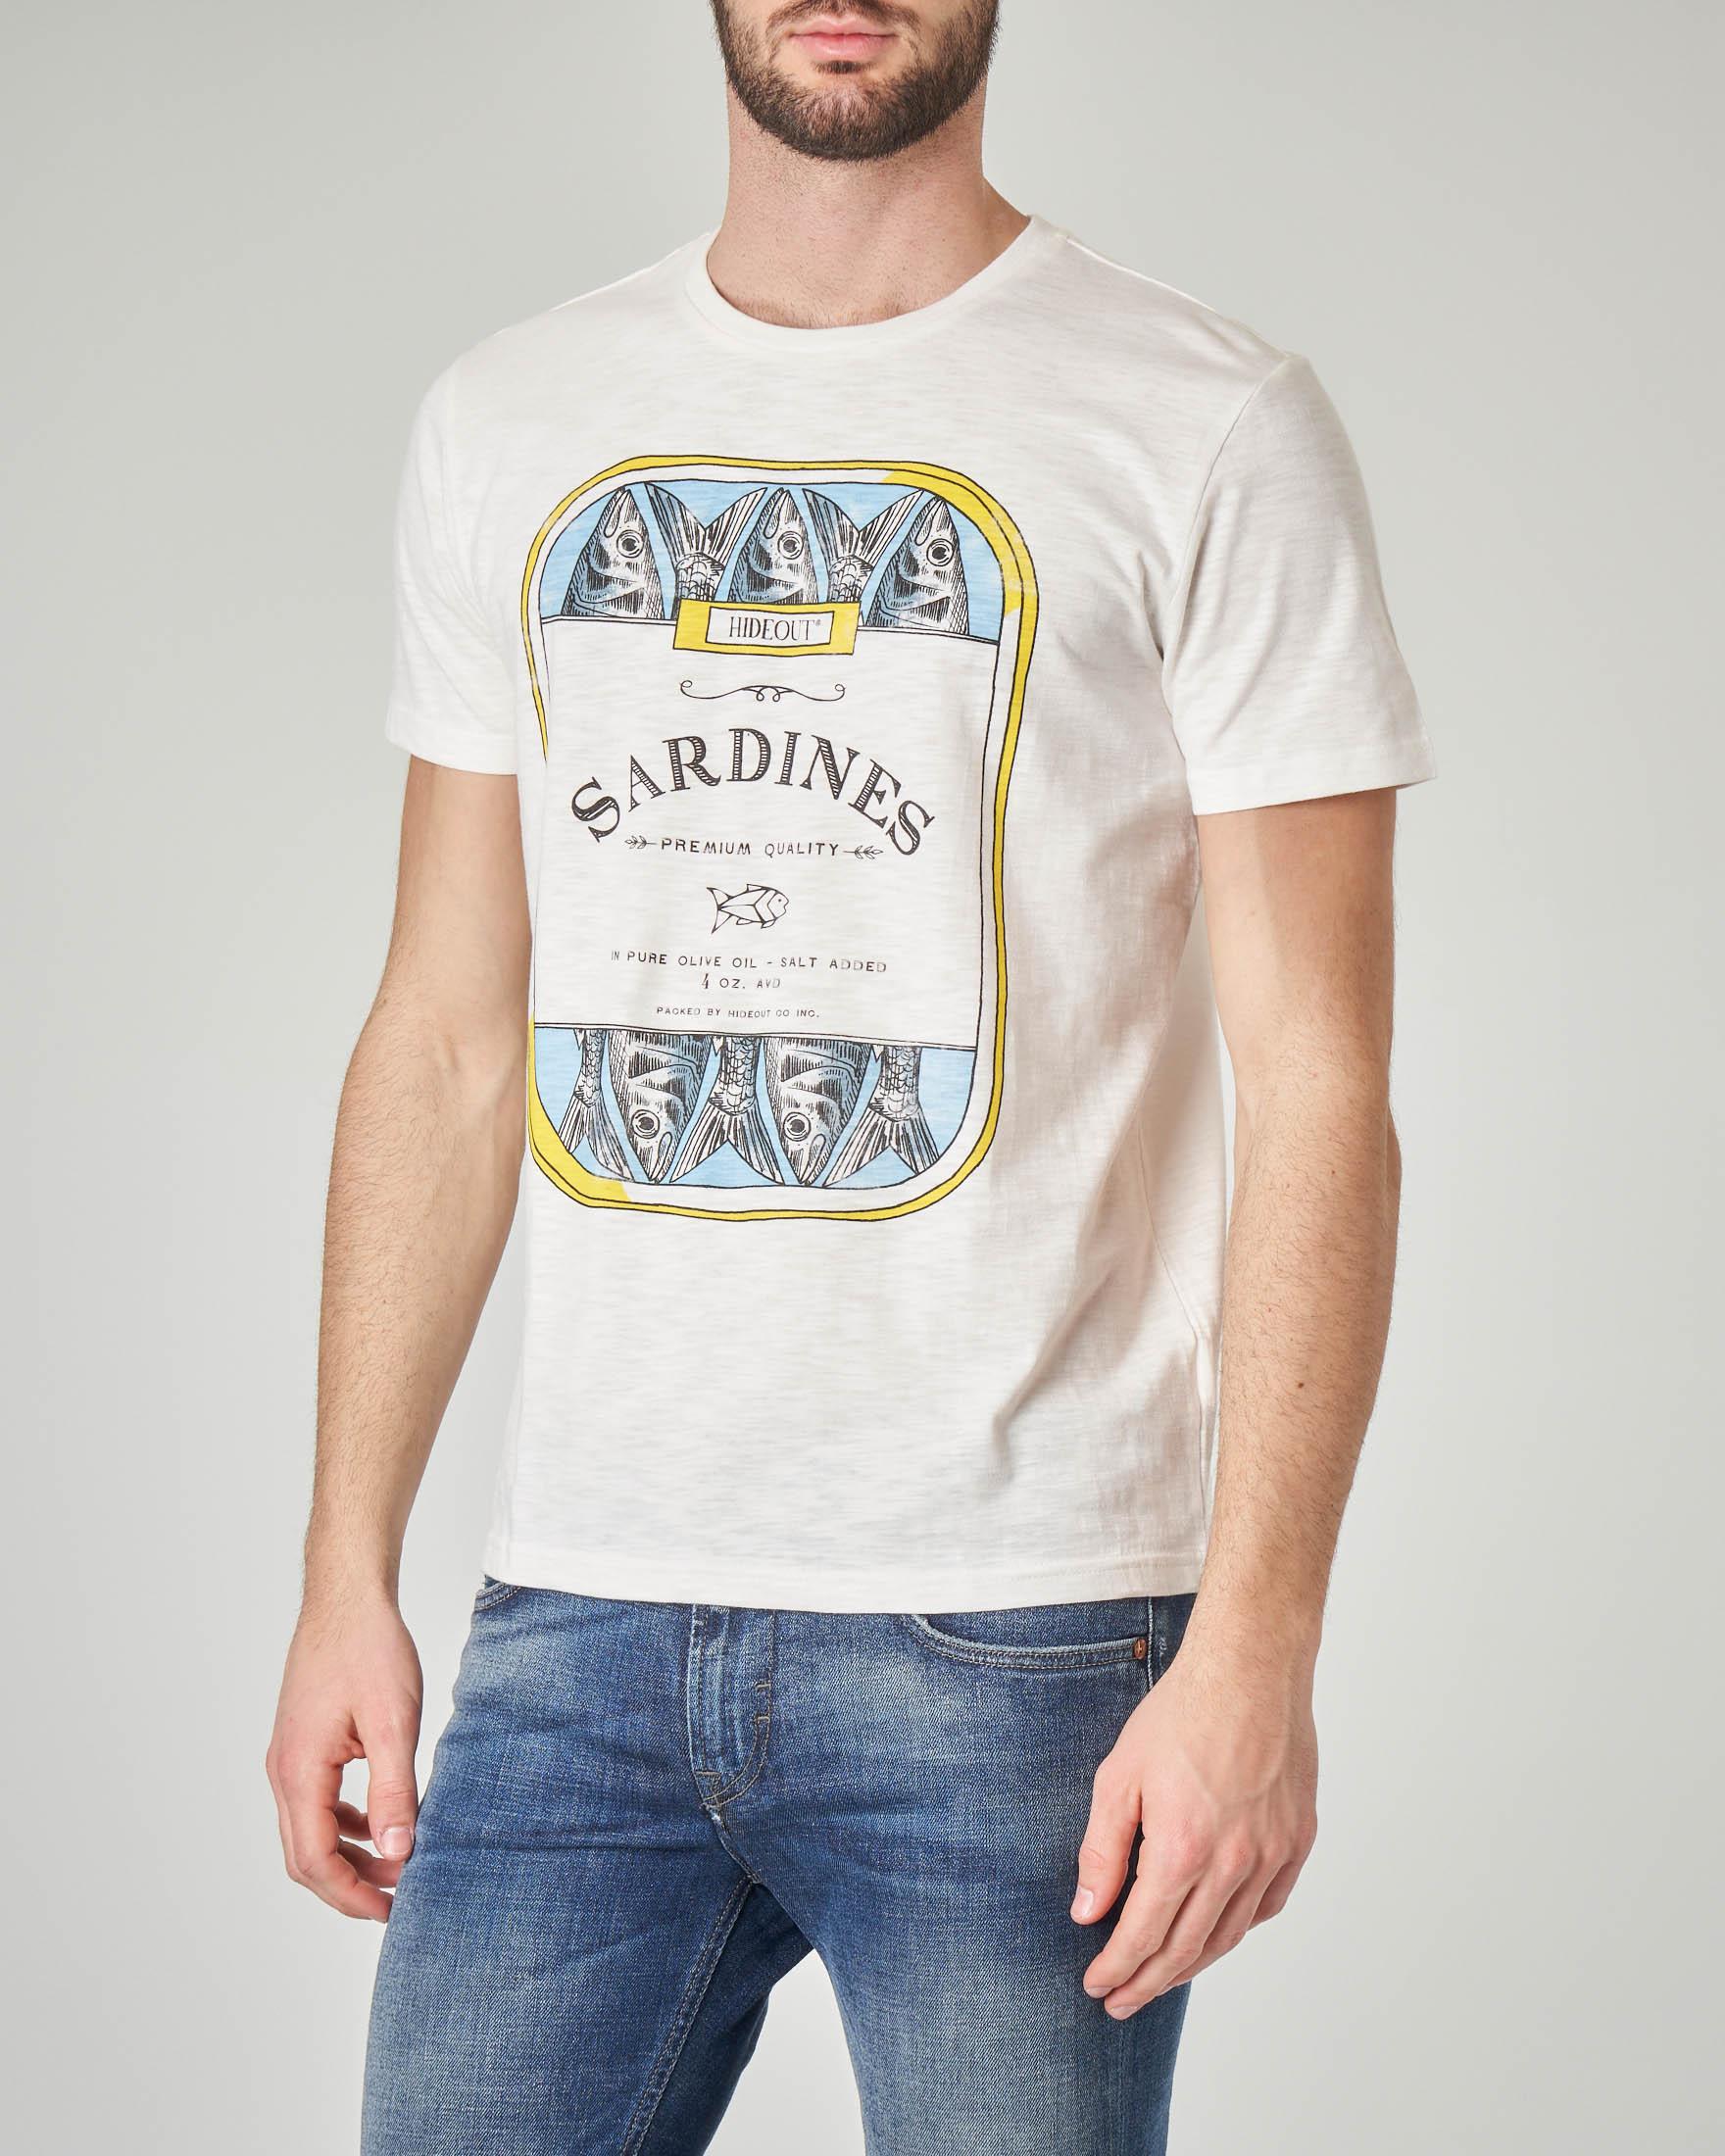 T-shirt bianca con stampa scatoletta di sardine